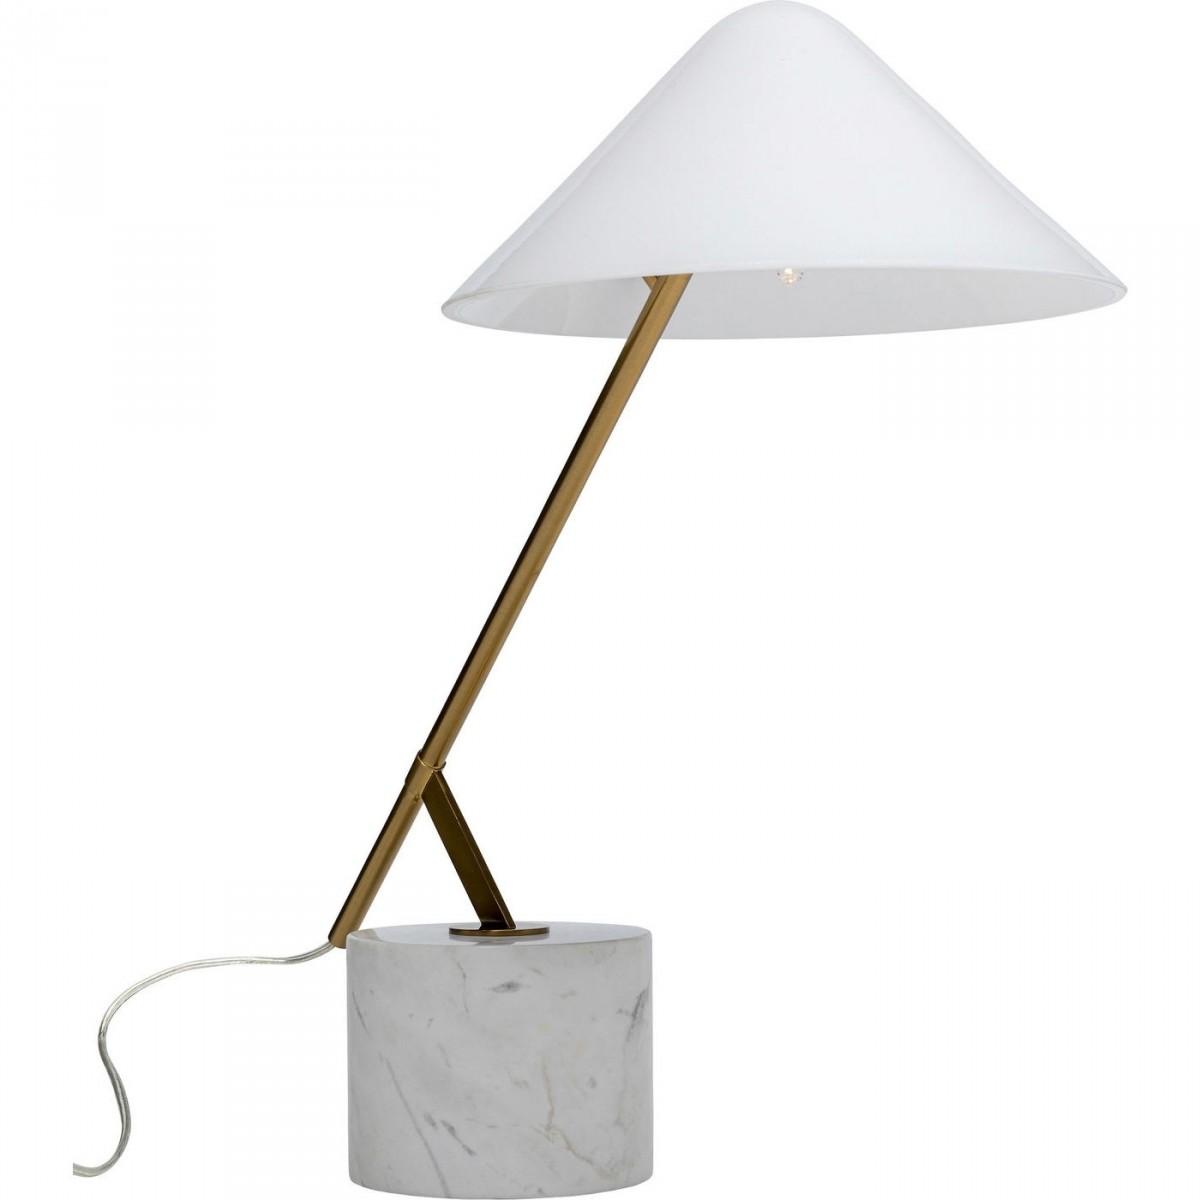 kare design Kare design soul marble bordlampe - hvid glas, marmor og messing stål (h:54cm) fra boboonline.dk